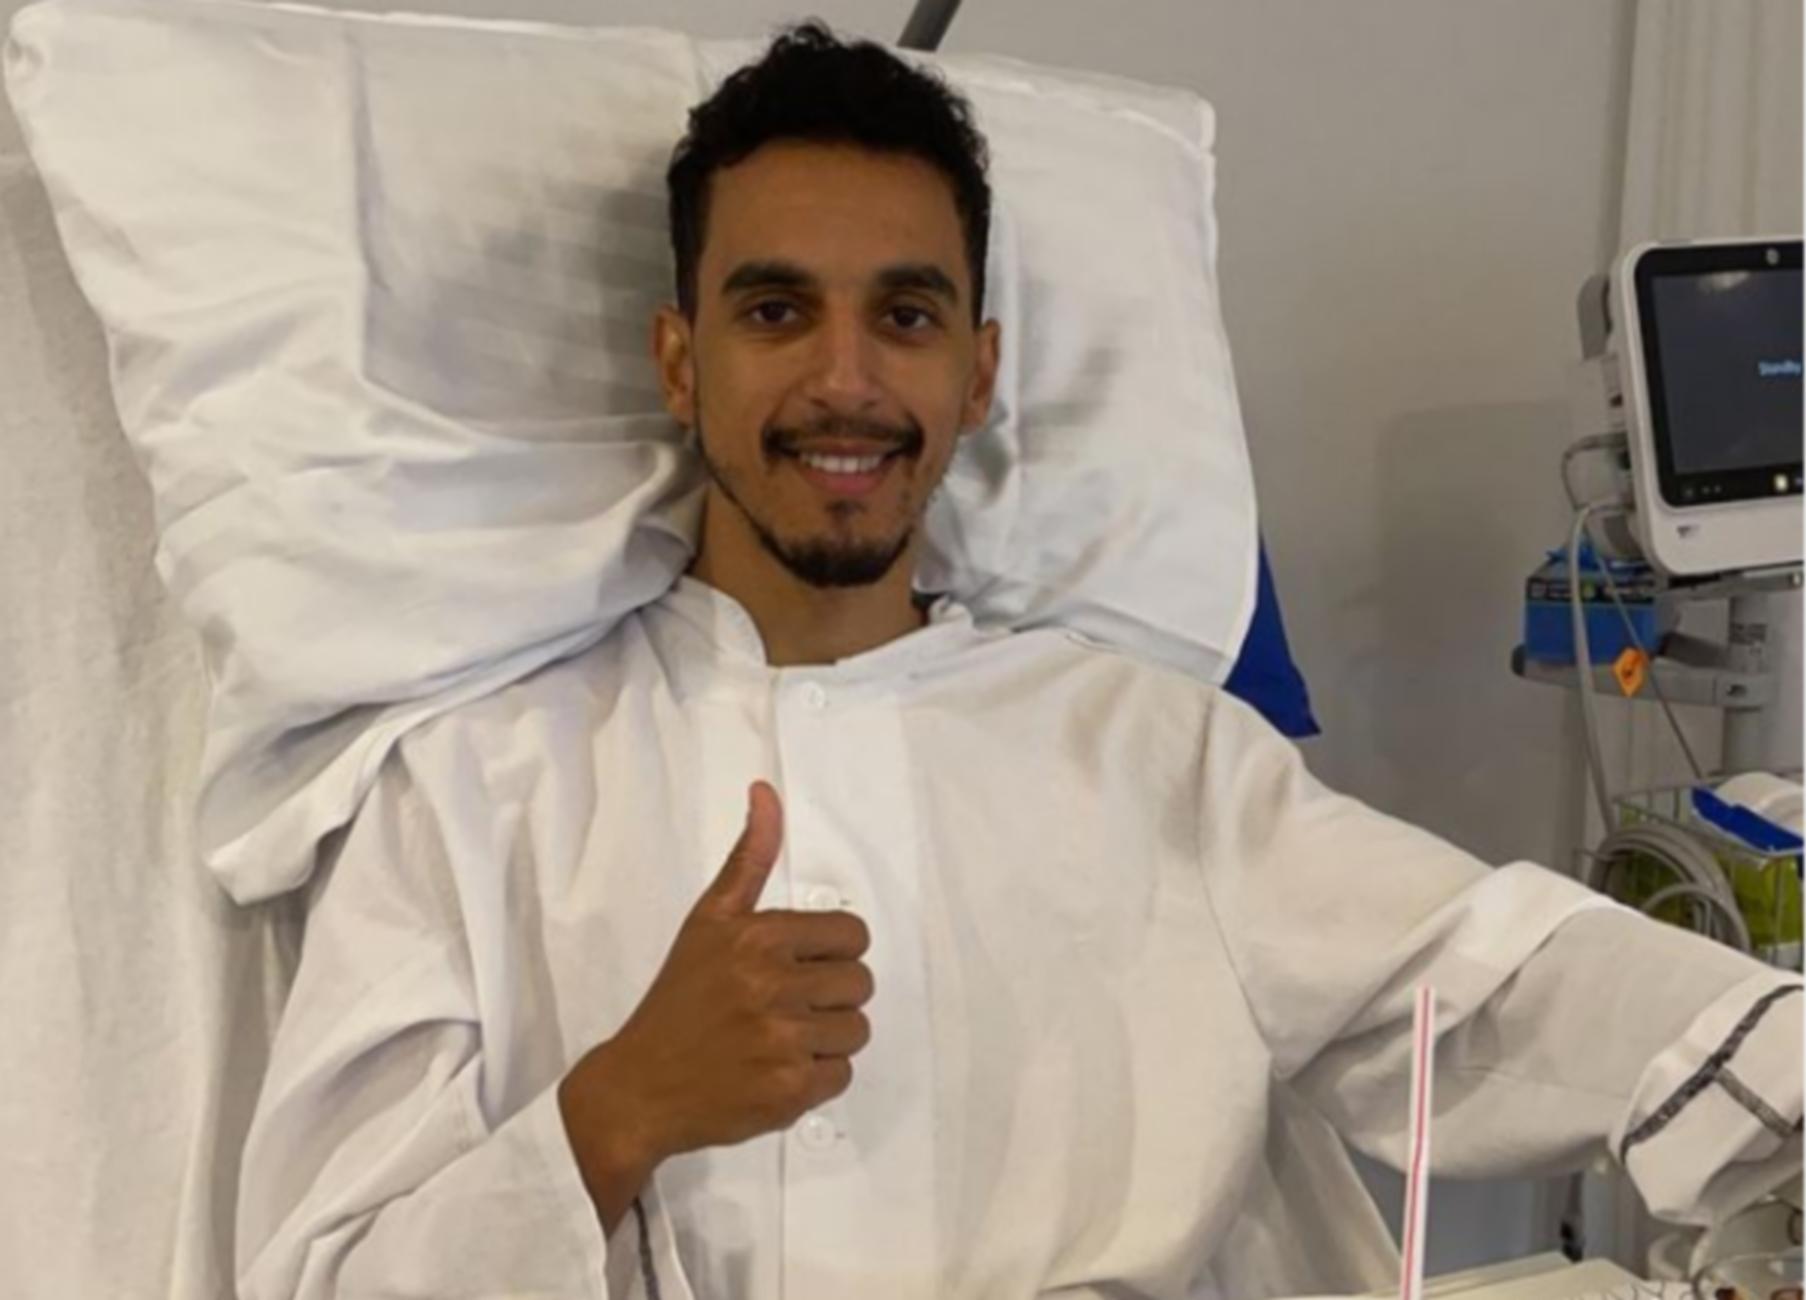 Κάρλος Ζέκα: Μήνυμα από το νοσοκομείο μετά την επέμβαση